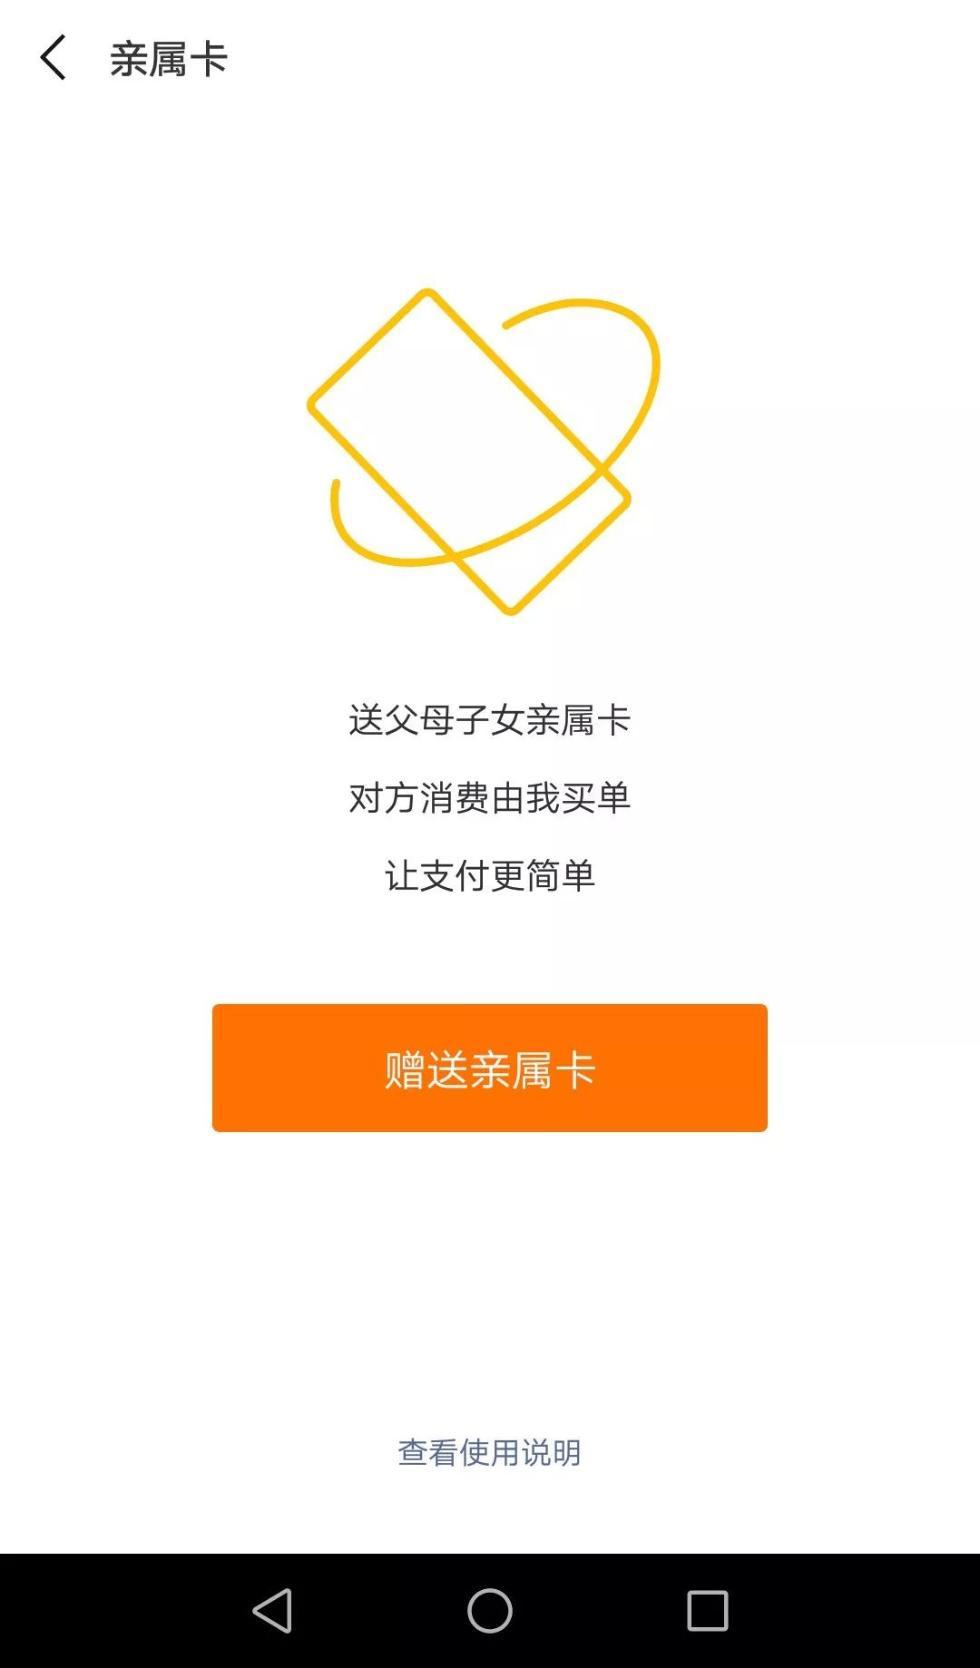 微信悄悄出新功能 网友:千万不能让女友知道